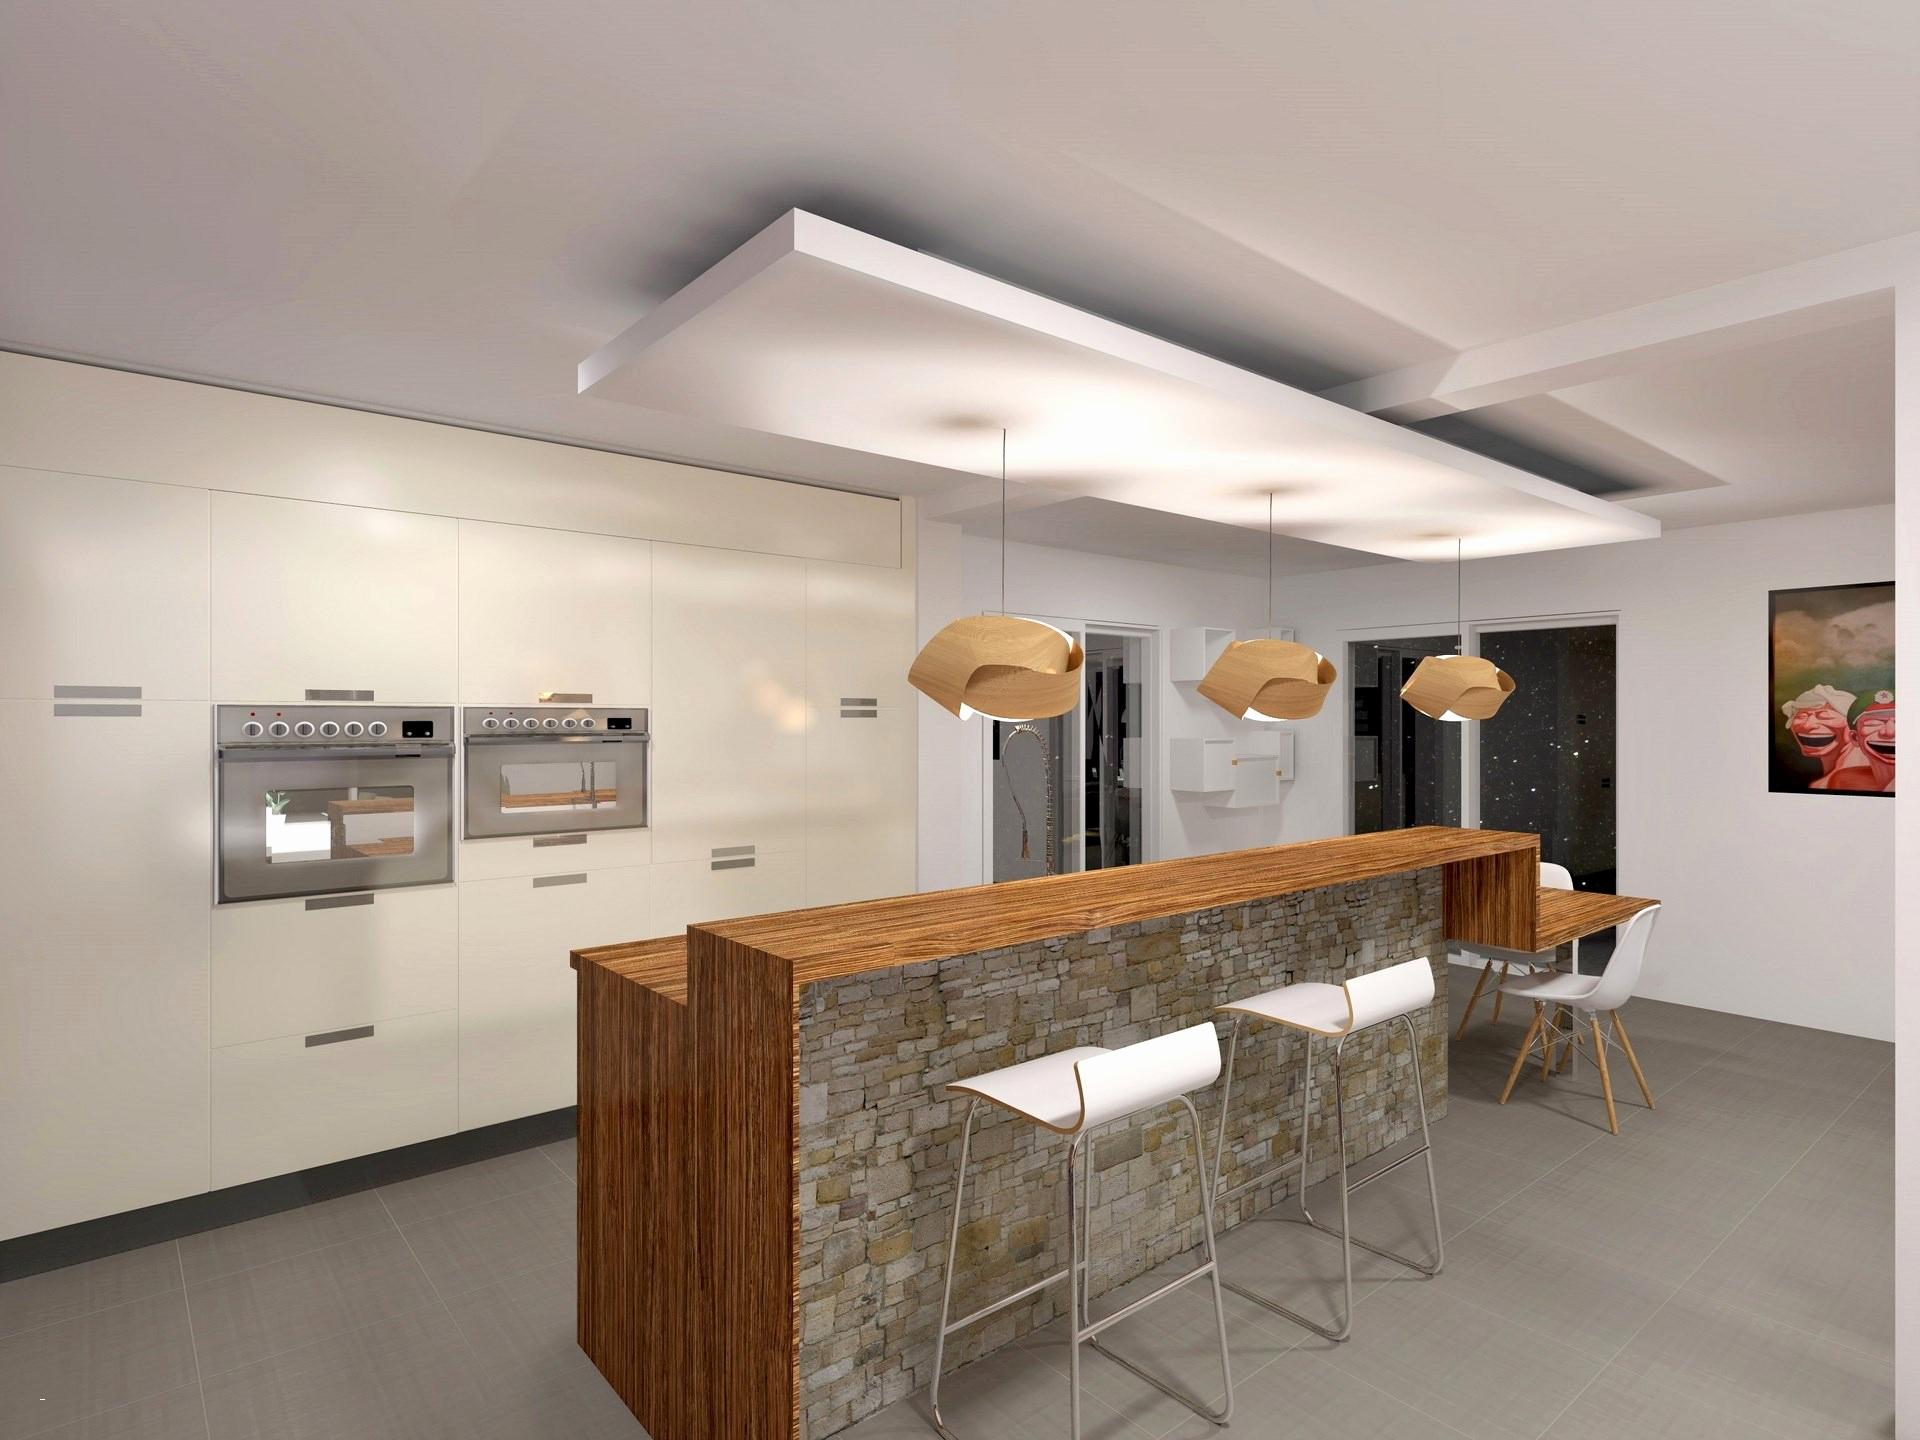 Tableau Cuisine Moderne Inspirant Images Tableau Cuisine Moderne Nouveau Cuisine Moderne Avec Ilot Fabuleux